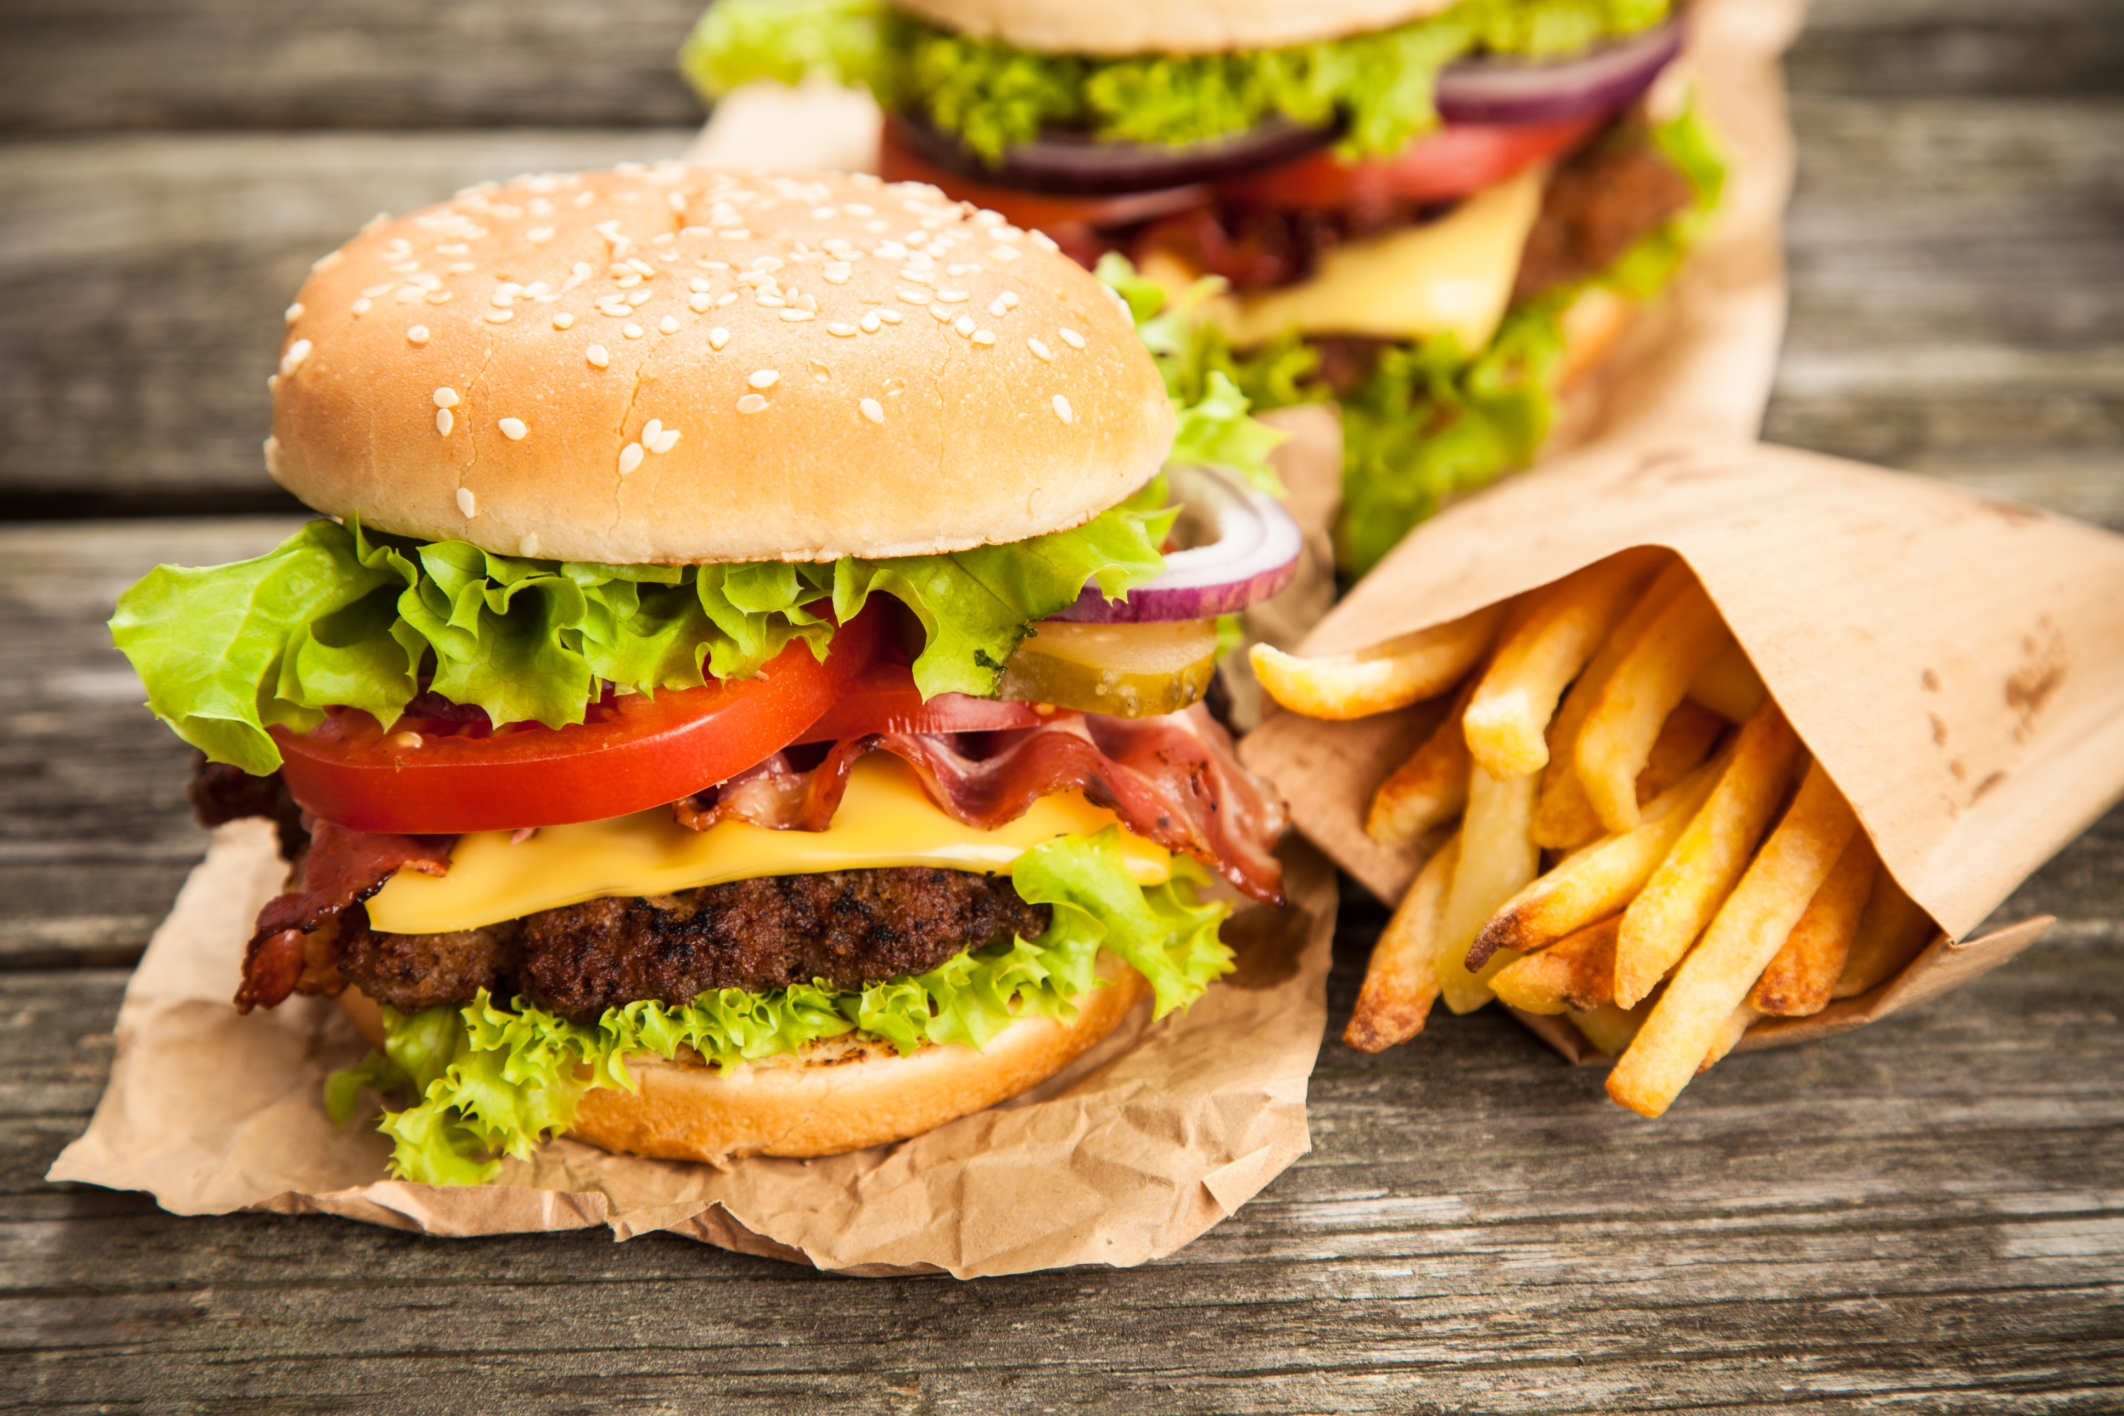 آیا مصرف خوراکیهای چرب باعث کاهش تمرکز میشوند؟